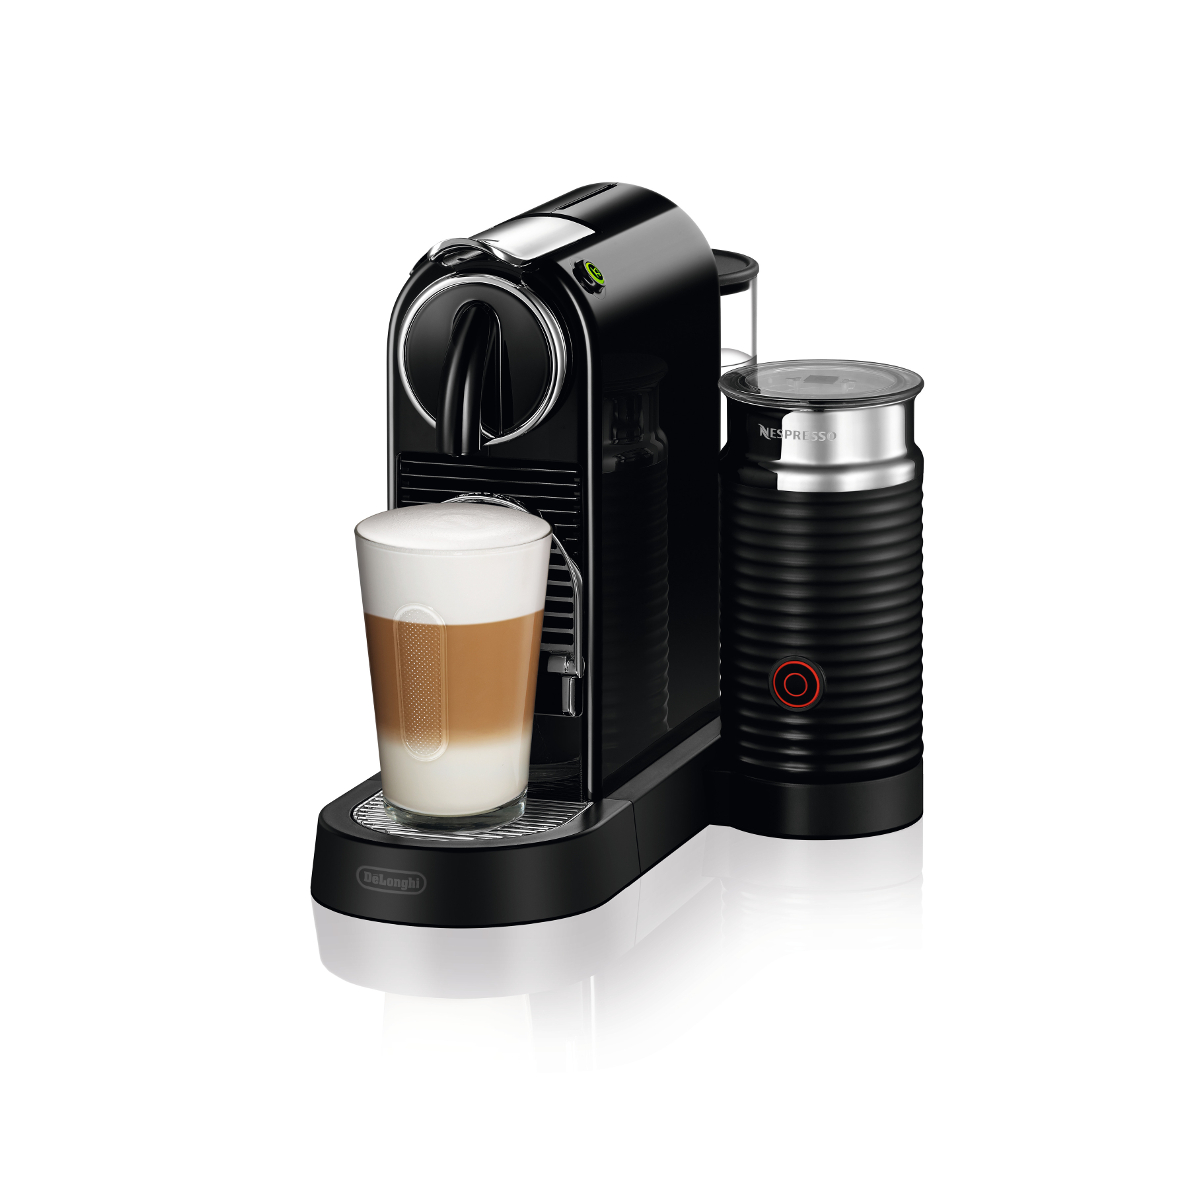 DeLonghi Nespresso CitiZ & Milk Black Espresso Machine